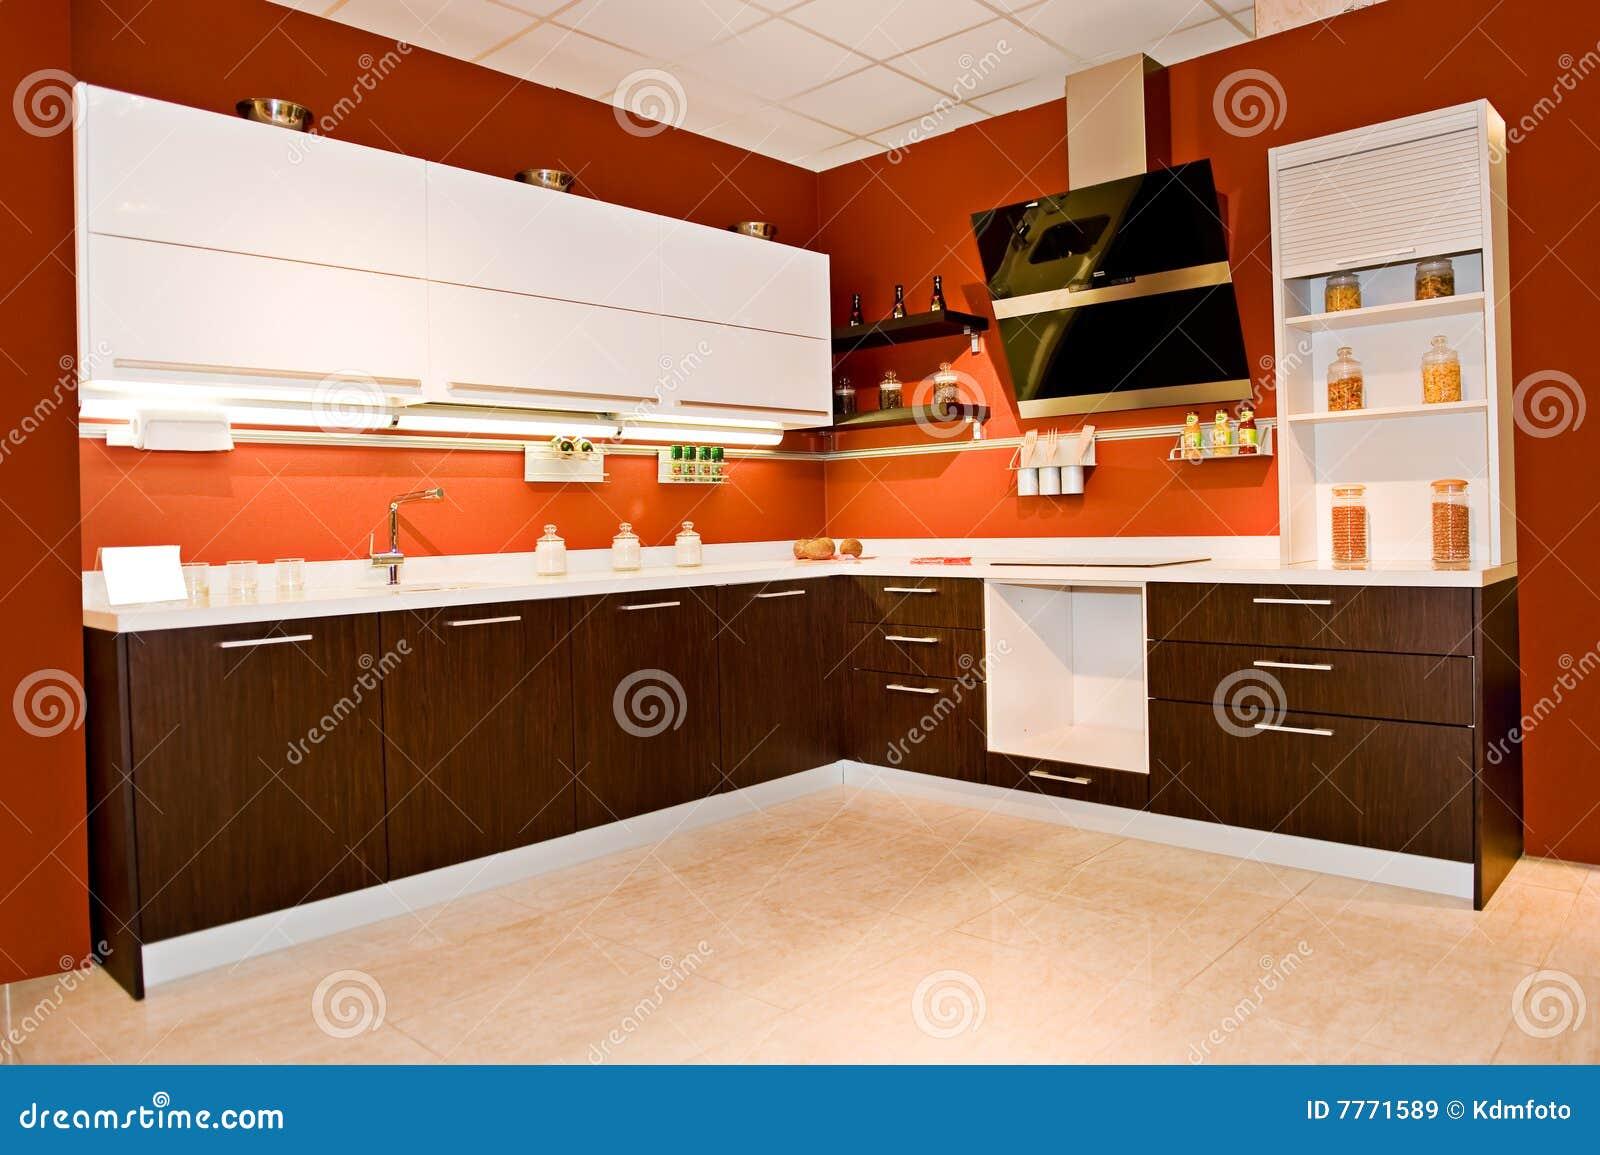 Cucina angolare moderna immagine stock immagine di casa for Stock cucine